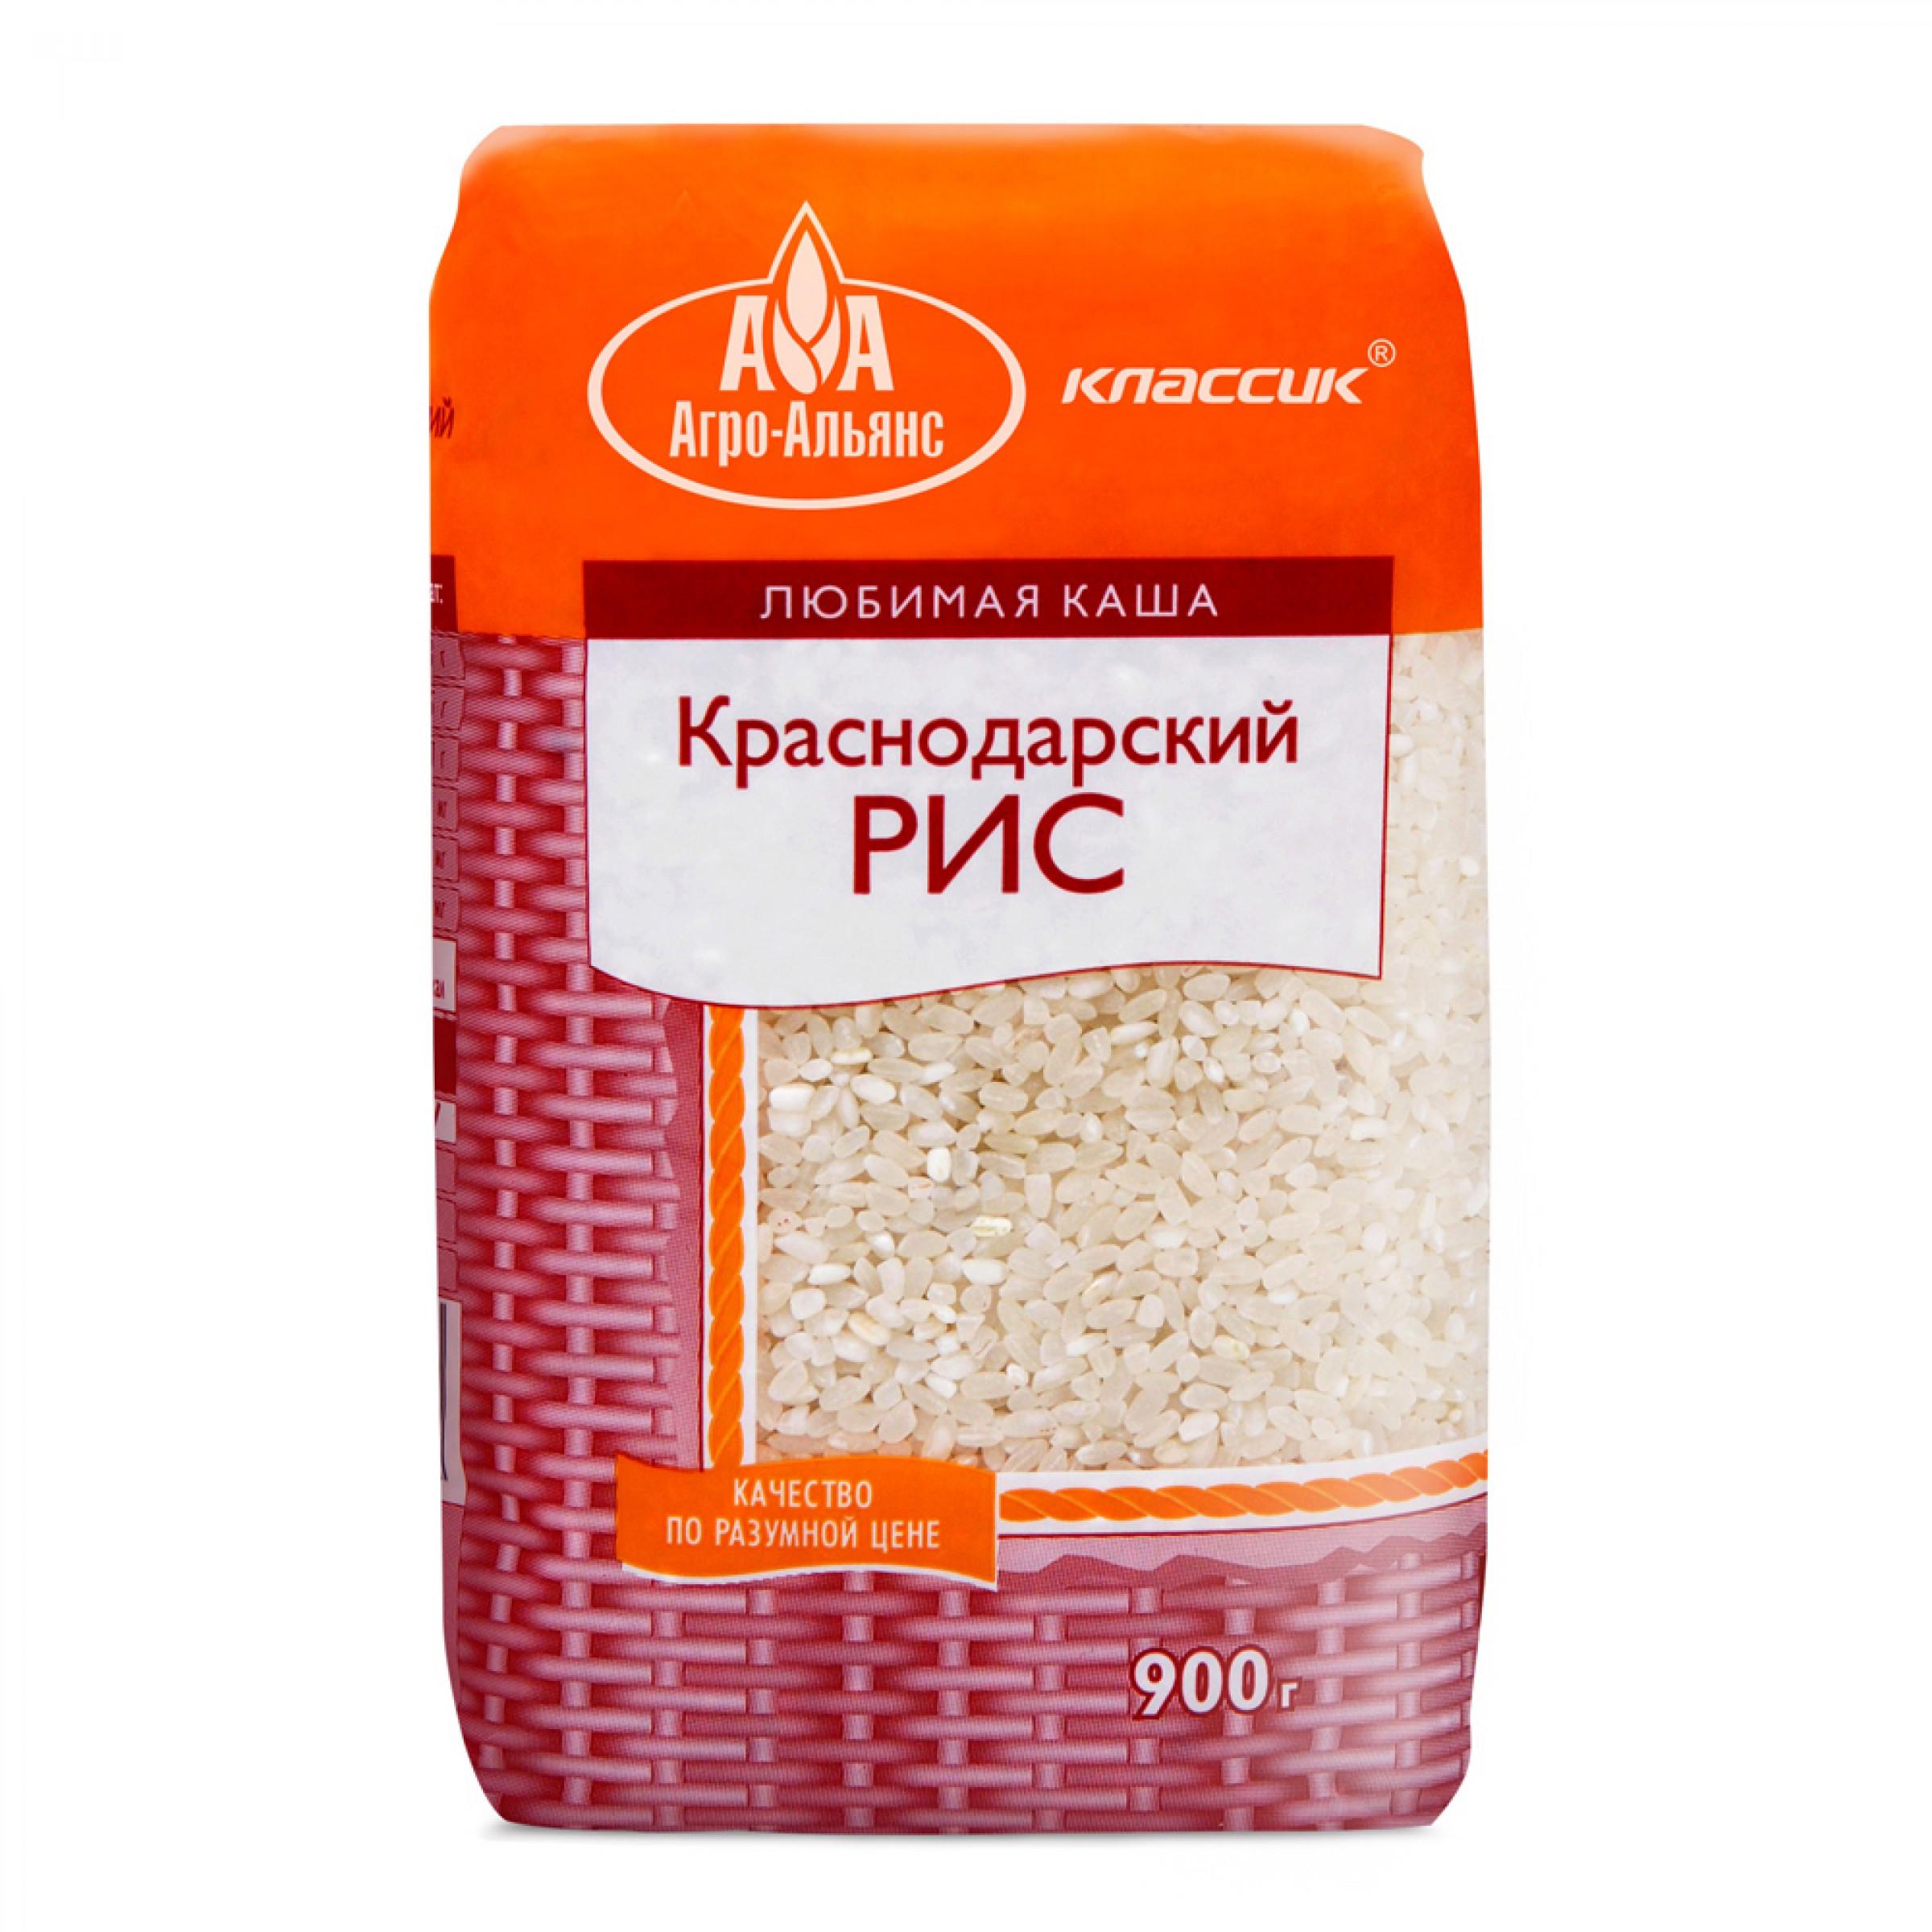 """Рис краснодарский """"Агро-Альянс"""" Классик, 900 г"""